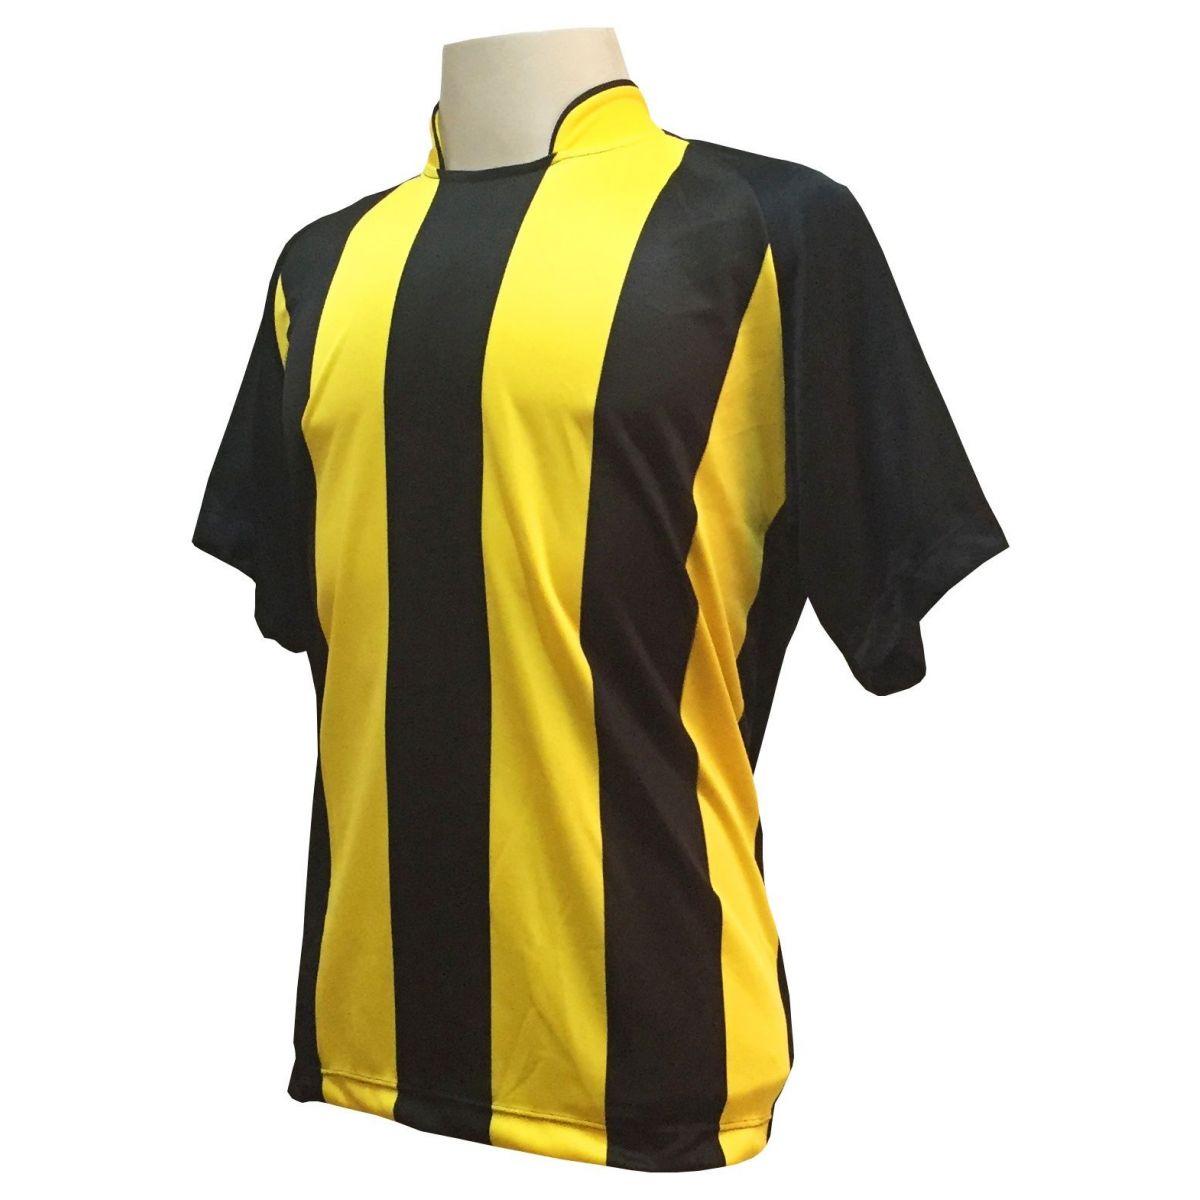 Jogo de Camisa com 12 unidades modelo Milan Preto/Amarelo + 1 Goleiro + Brindes